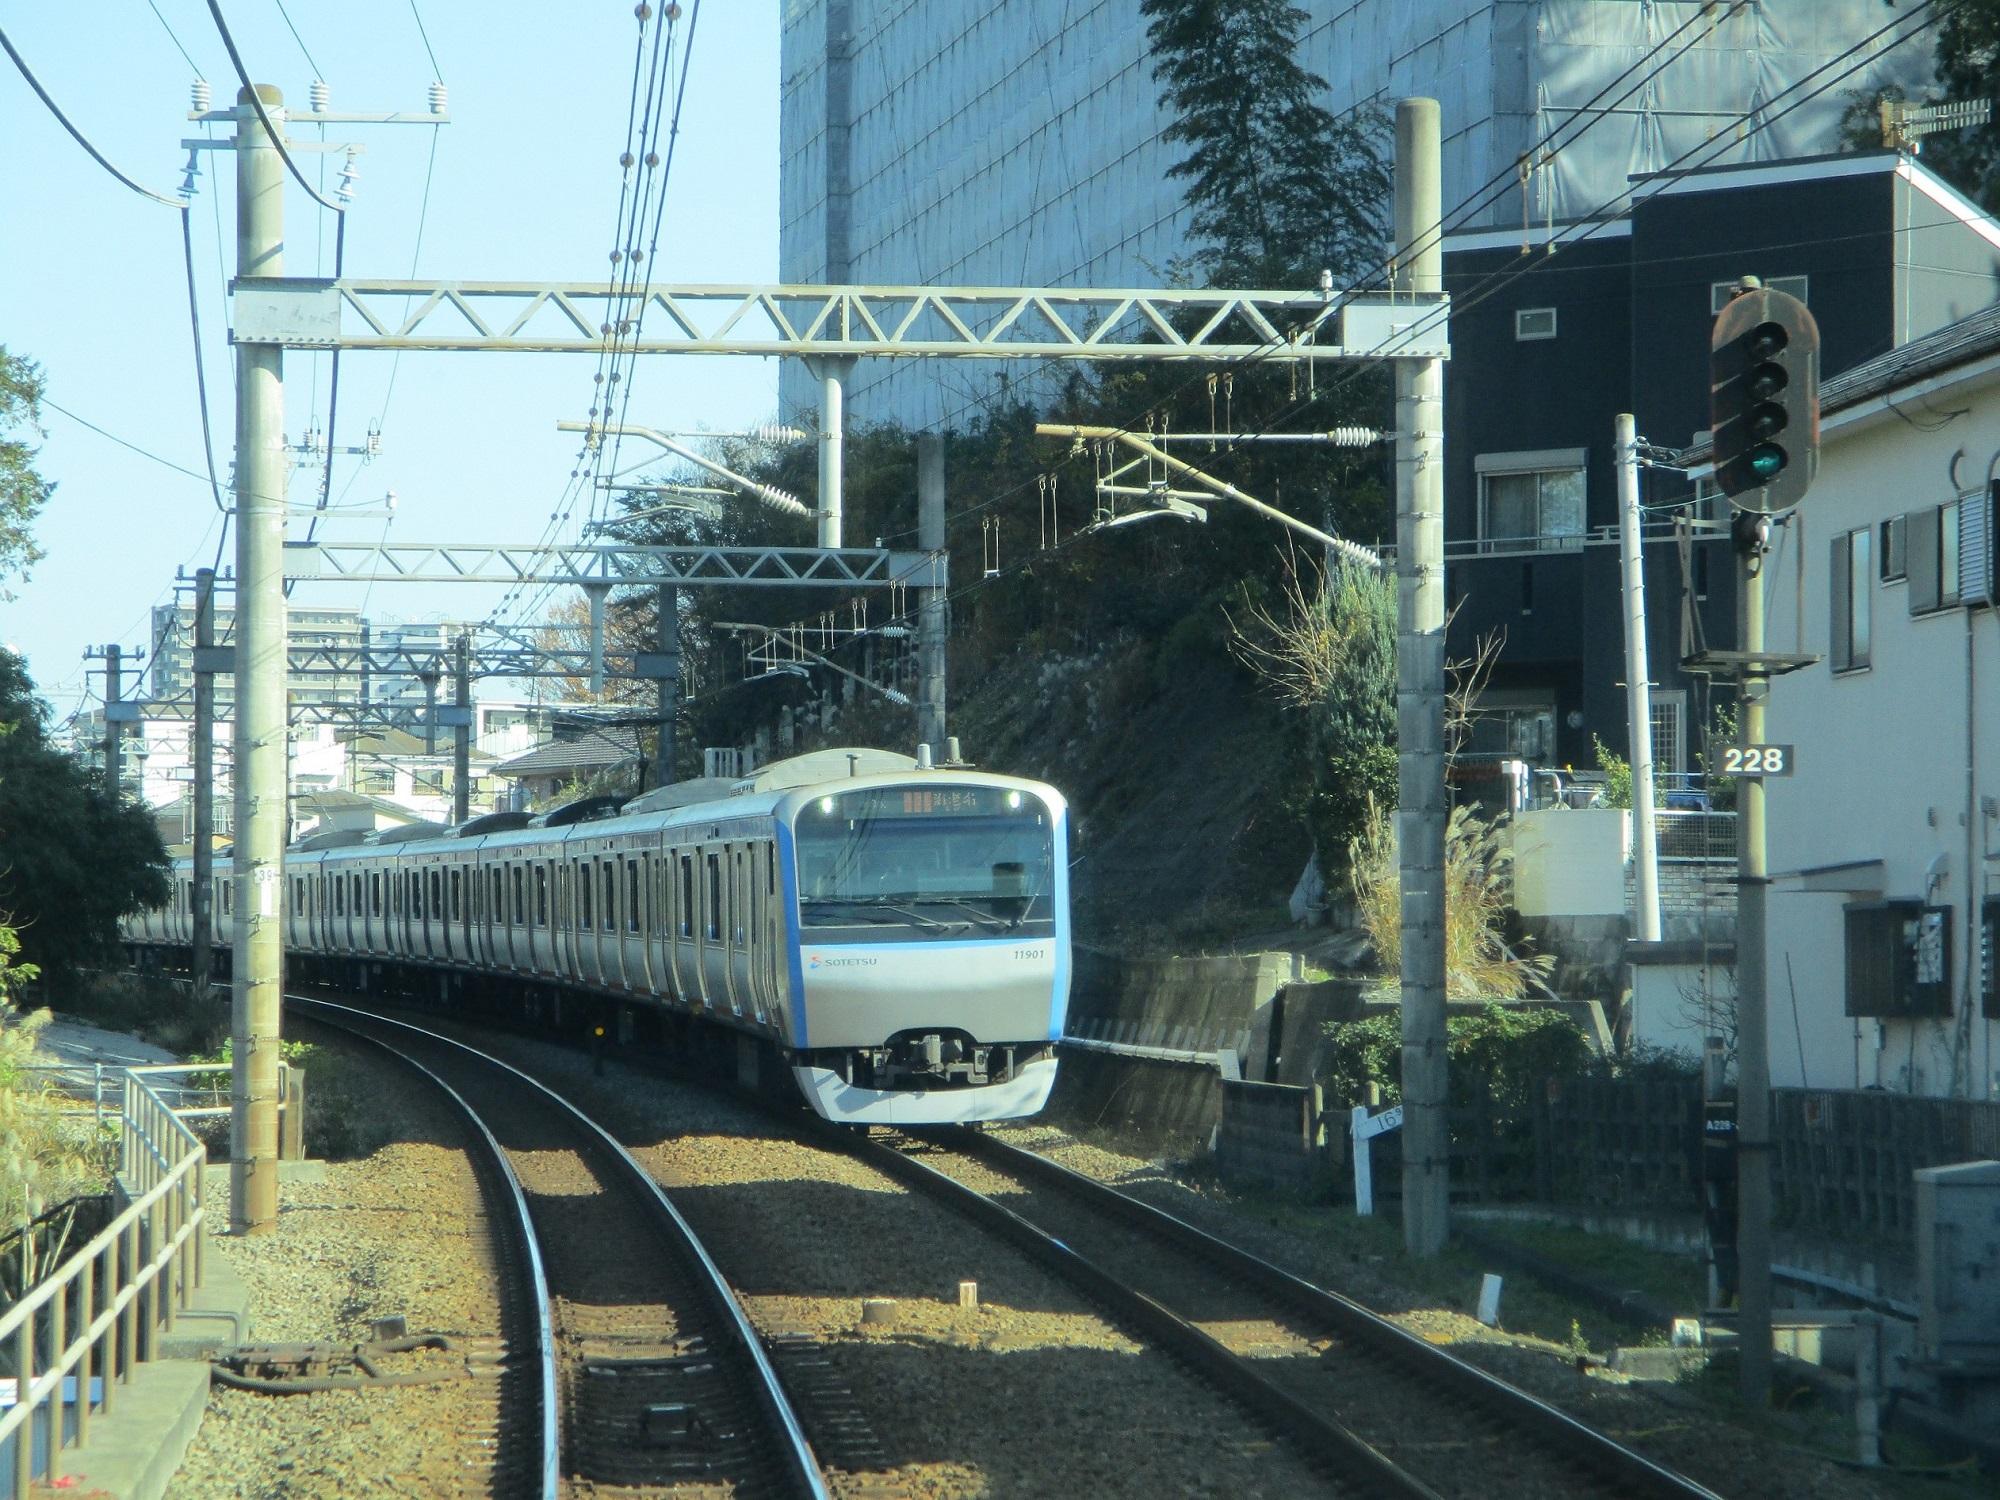 2019.12.16 (76) 新宿いき各停 - 海老名かしわ台間 2000-1500